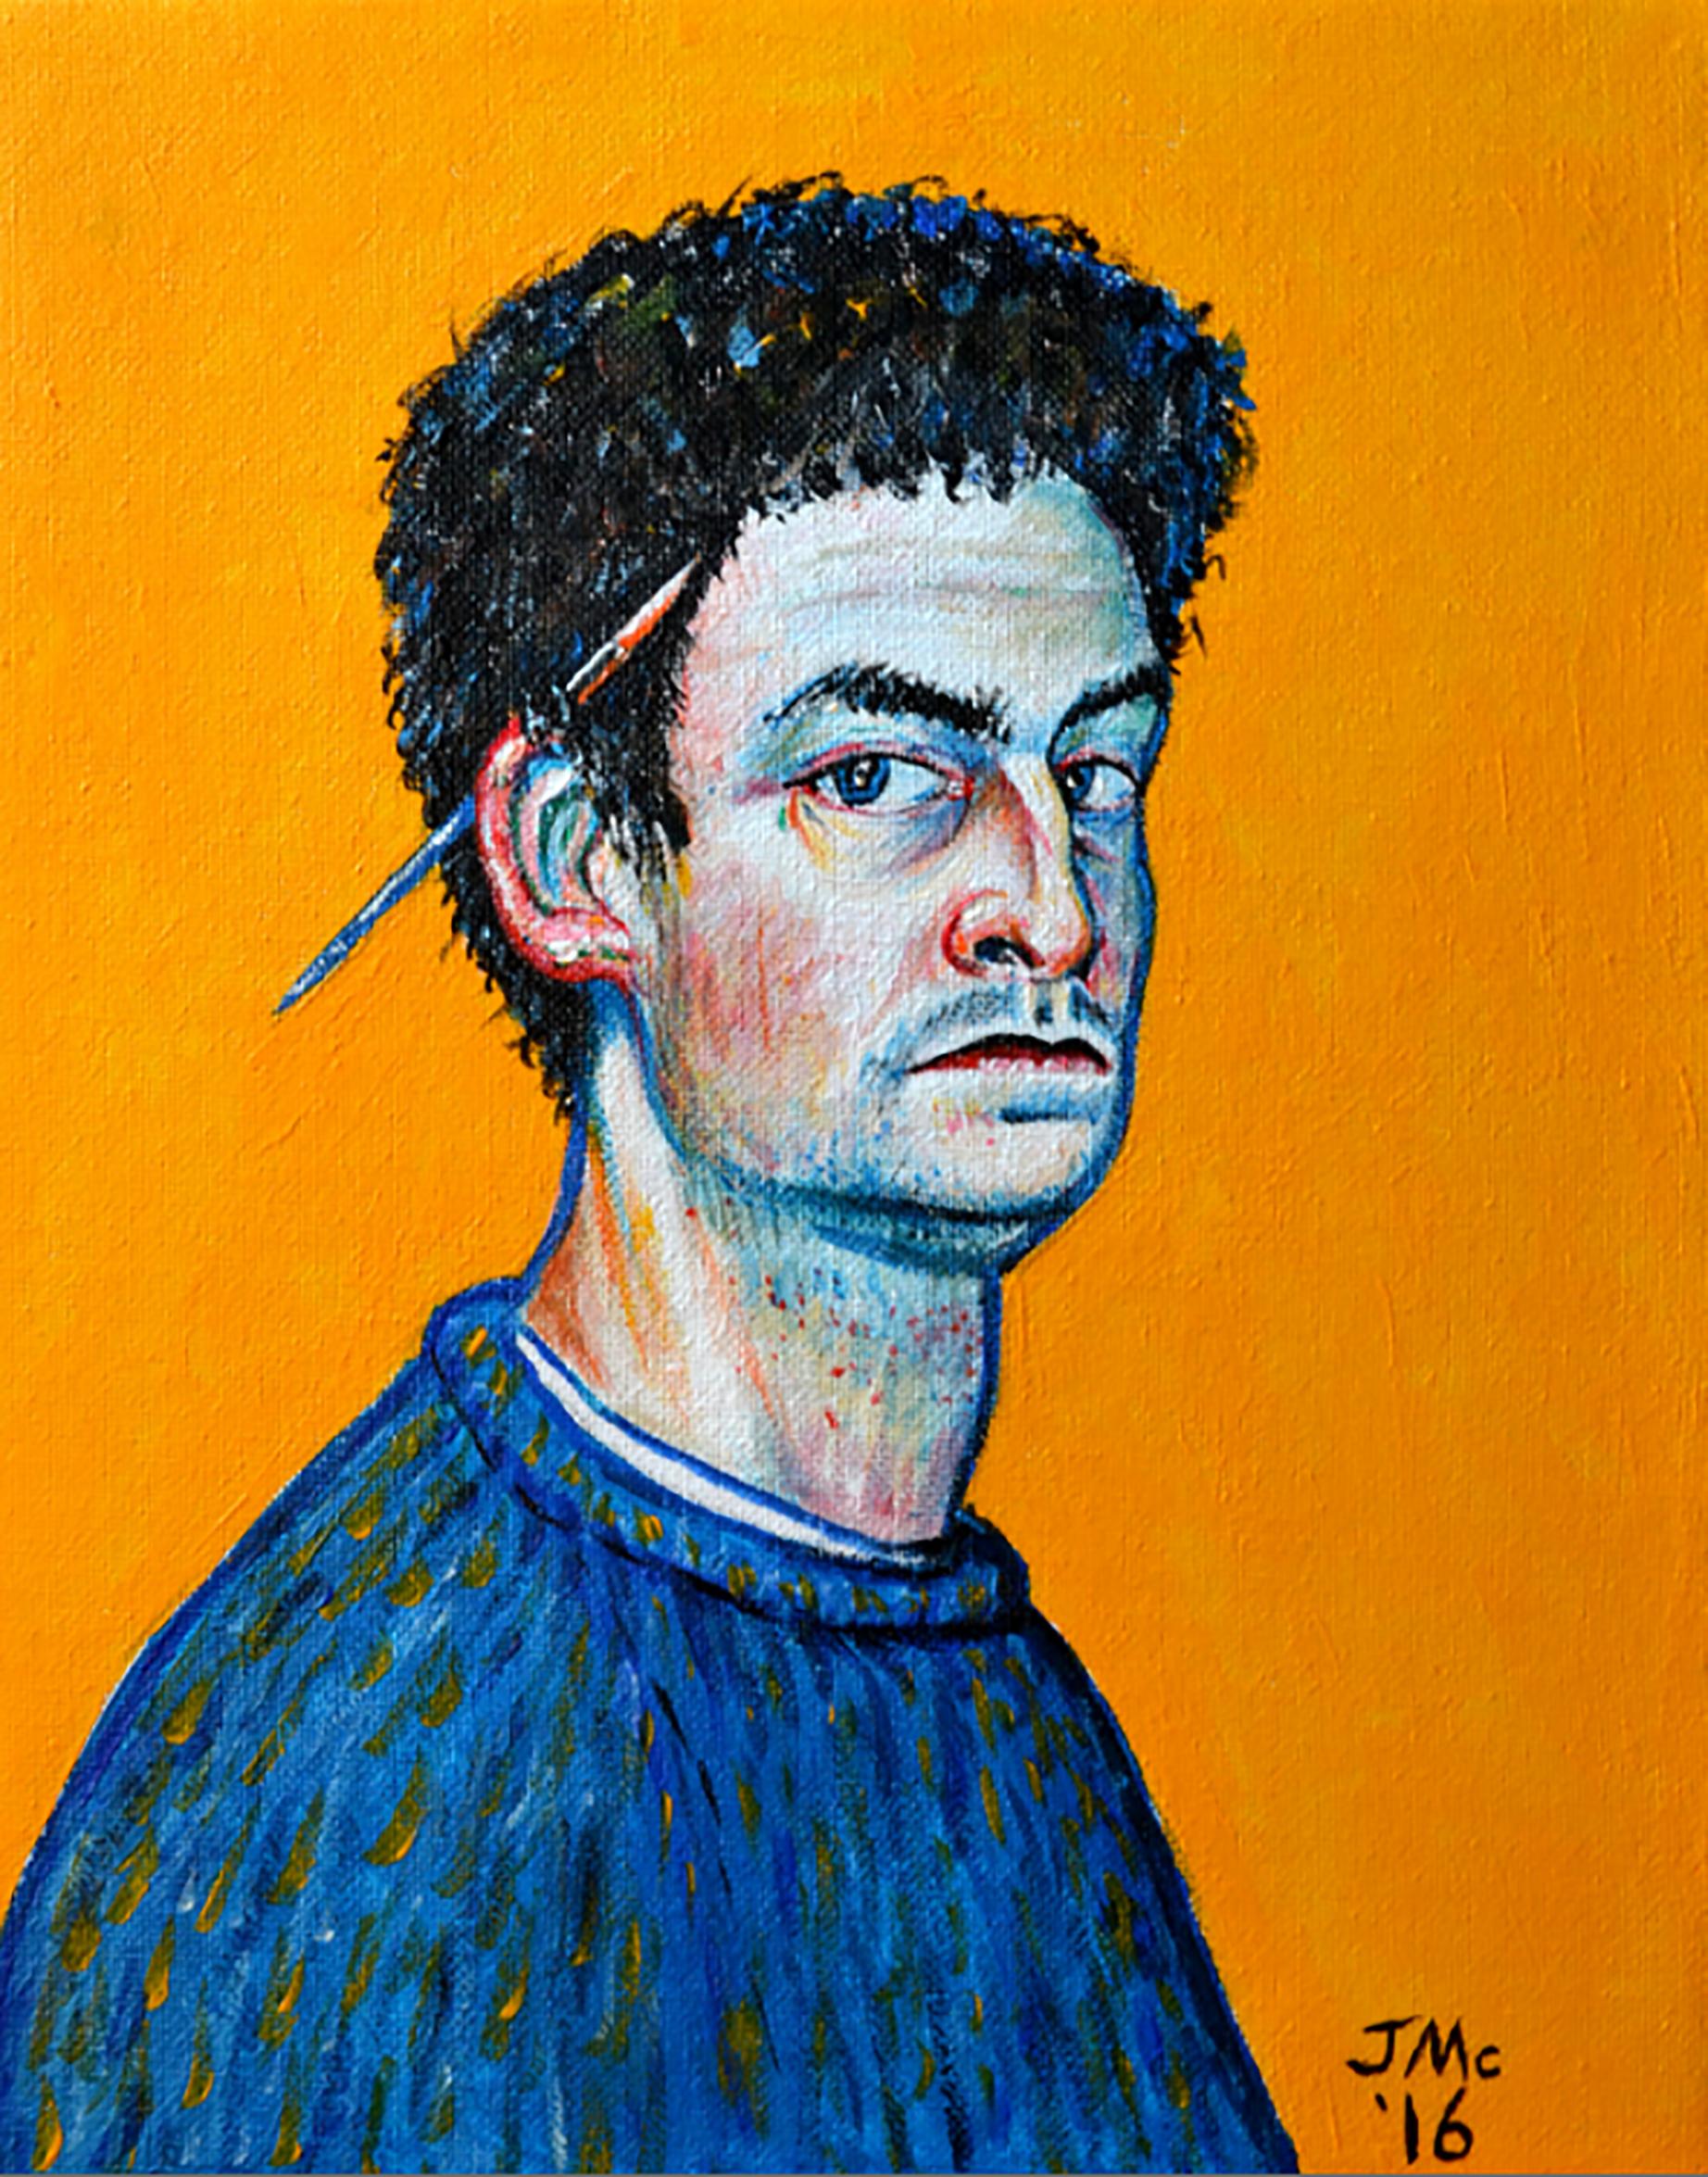 Jason McLarnin